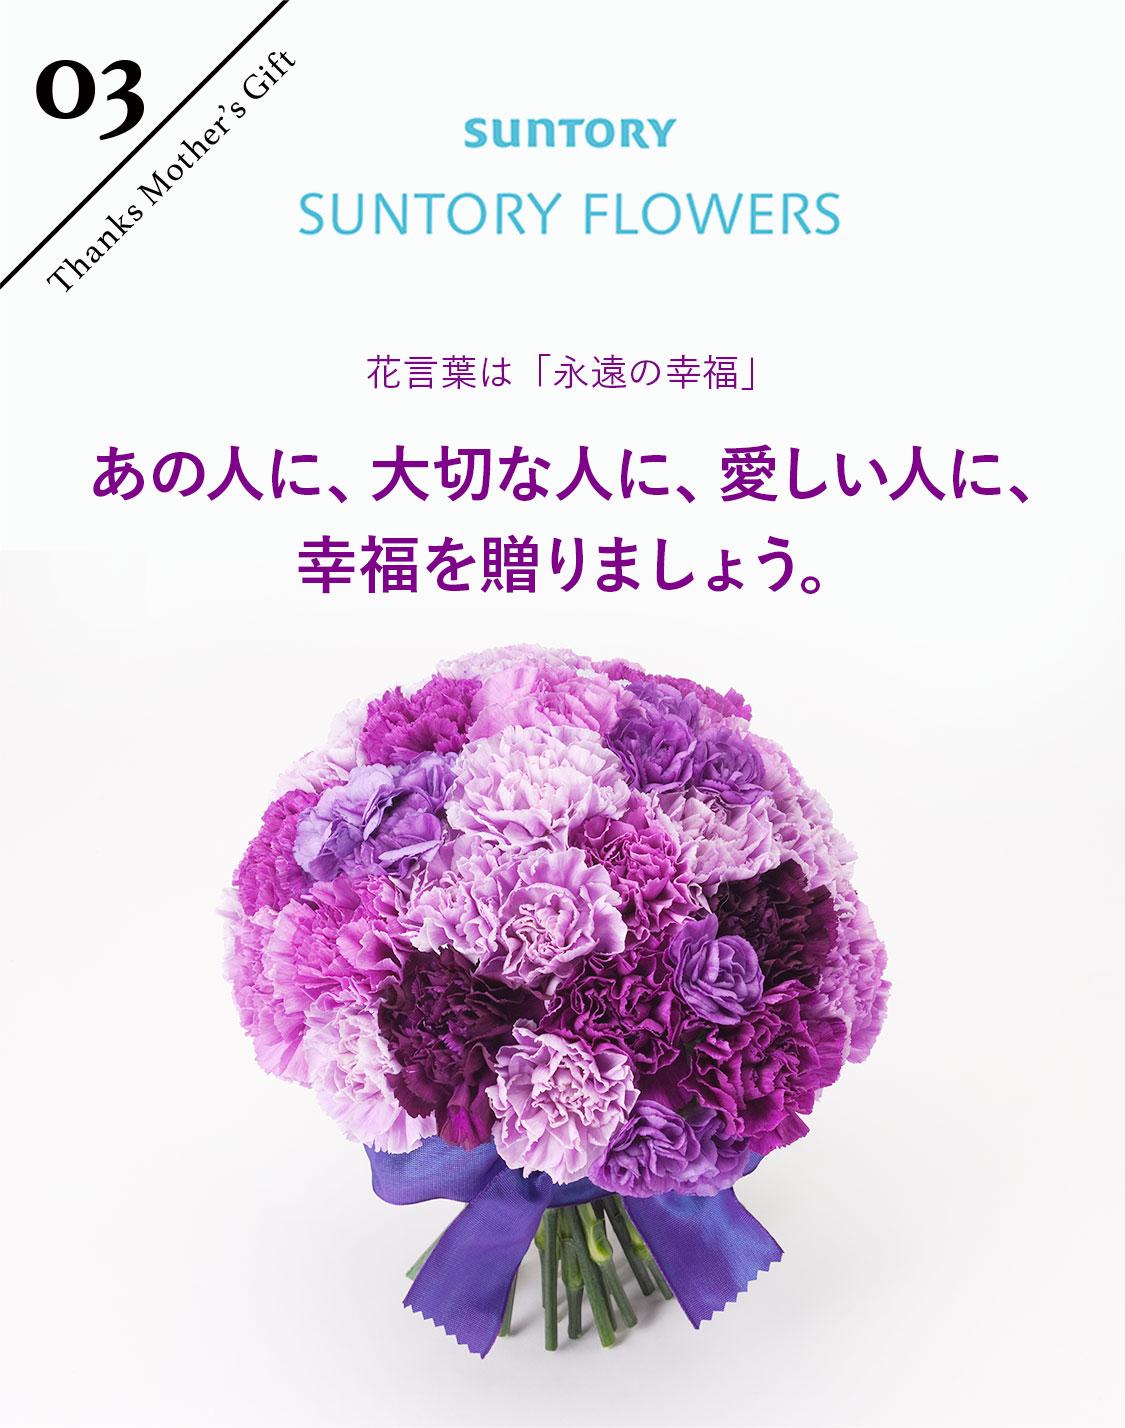 SUNTORY FLOWERS ムーンダスト あの人に、大切な人に、愛しい人に、幸福を贈りましょう。